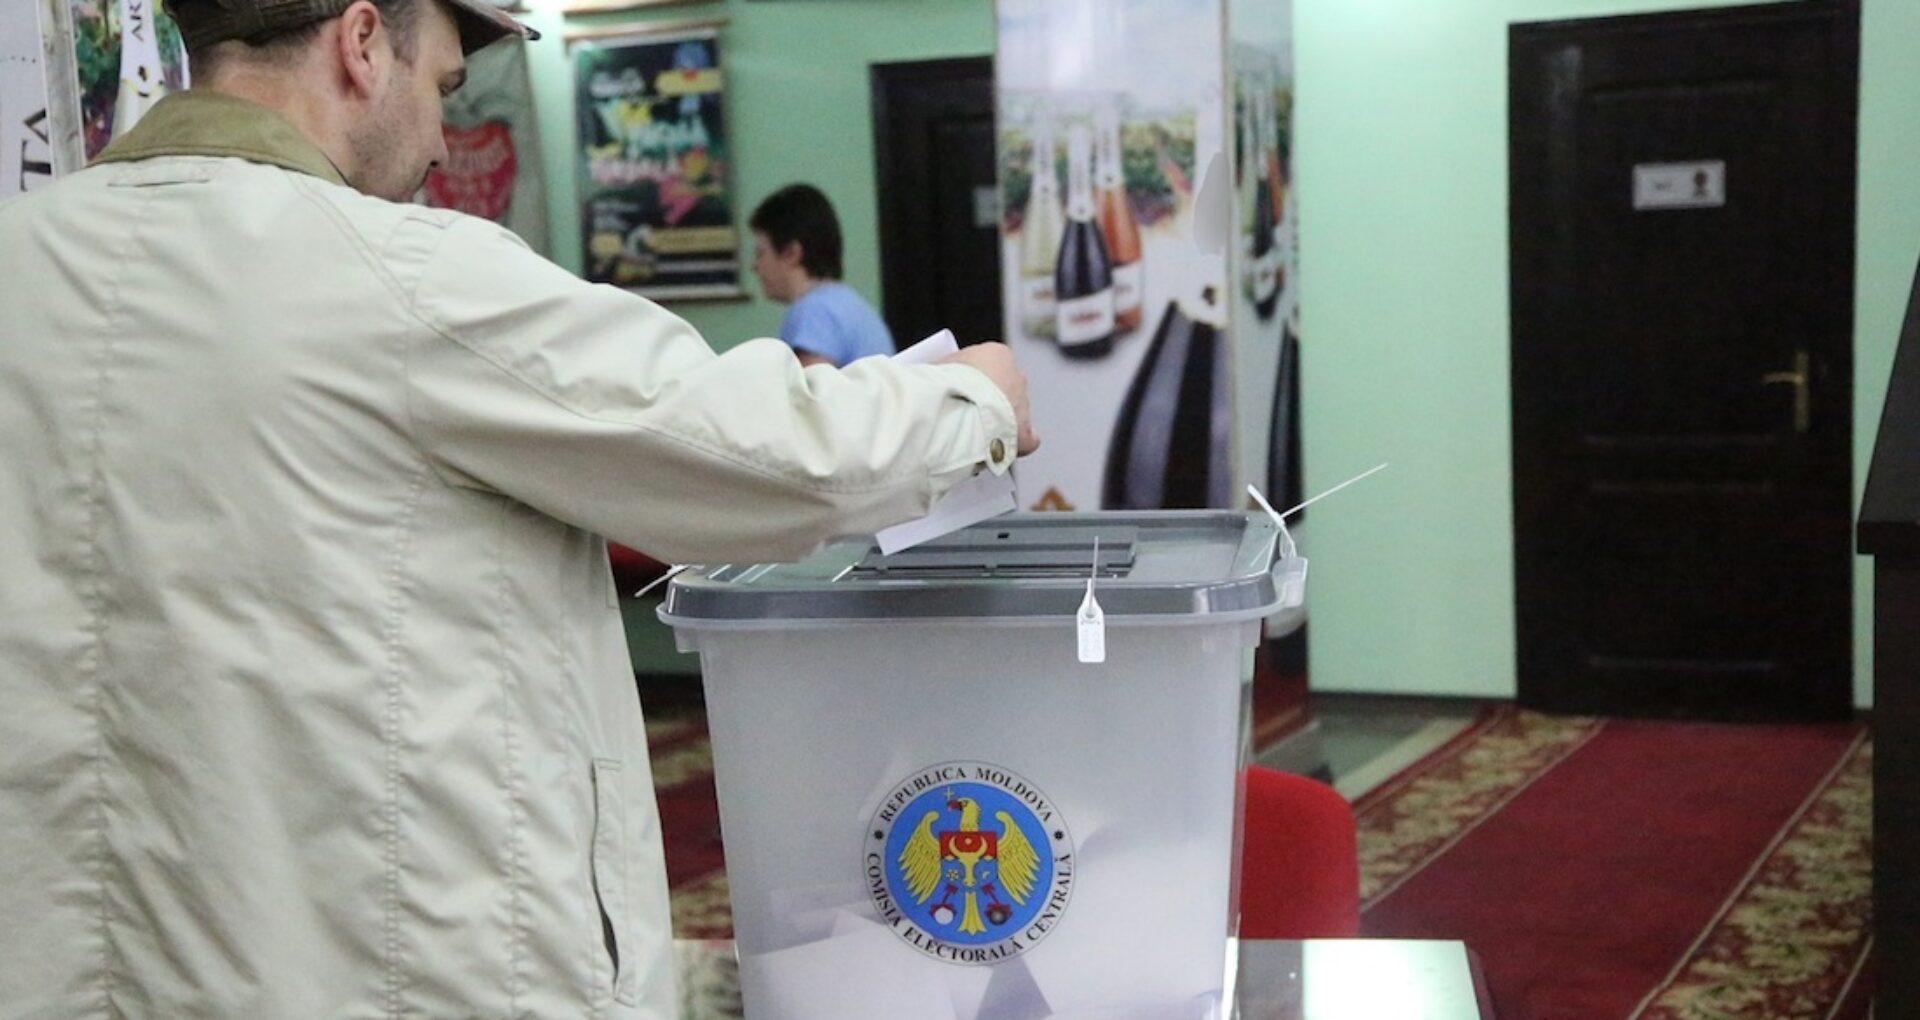 VIDEO/ CEC a decis: Pe 21 noiembrie curent vor avea loc alegeri locale pentru funcția de primar în unele localități din R. Moldova